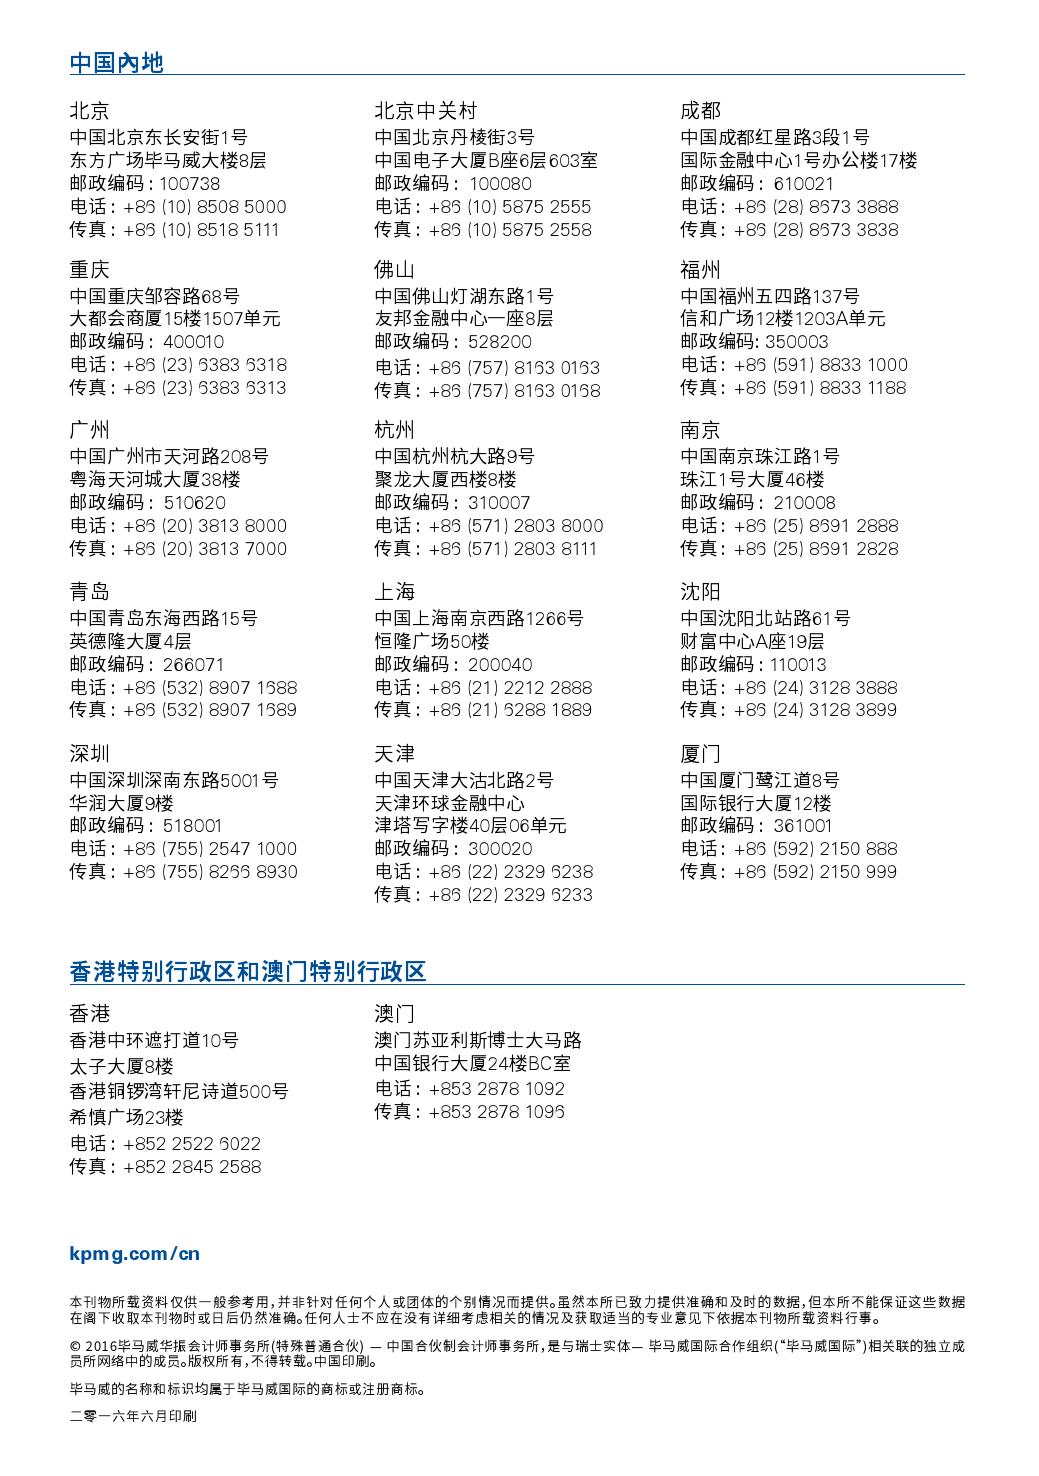 2016年中国养老金发展的战略趋势探讨_000020